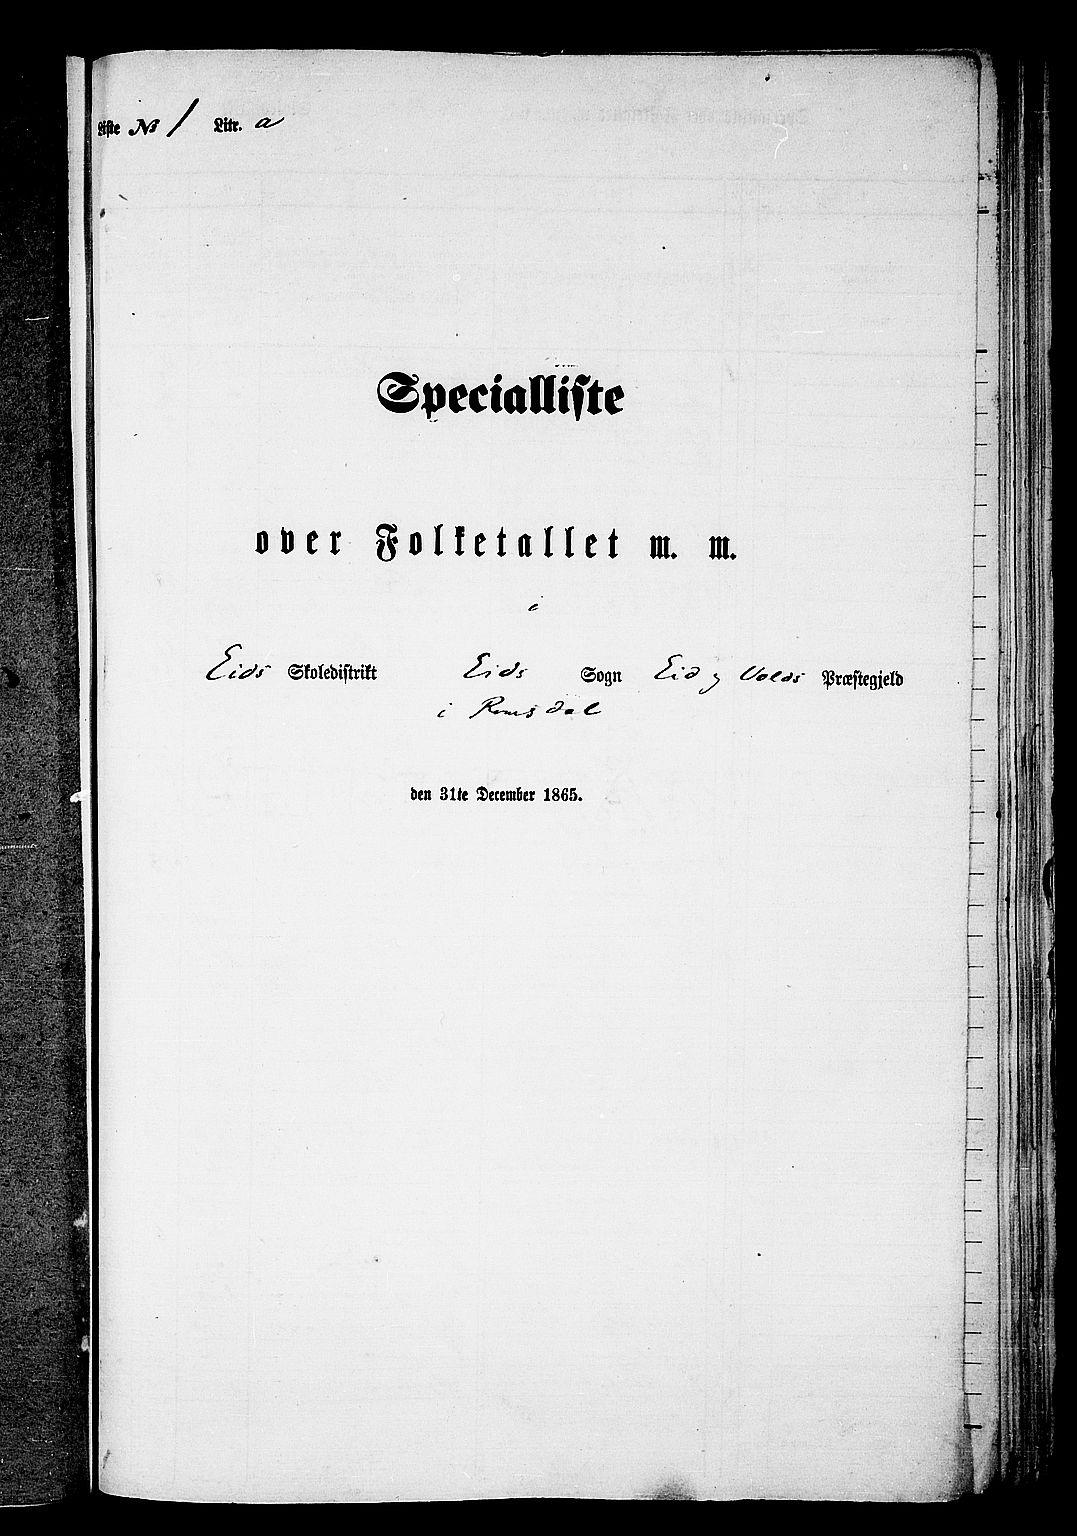 RA, Folketelling 1865 for 1537P Eid og Vold prestegjeld, 1865, s. 6